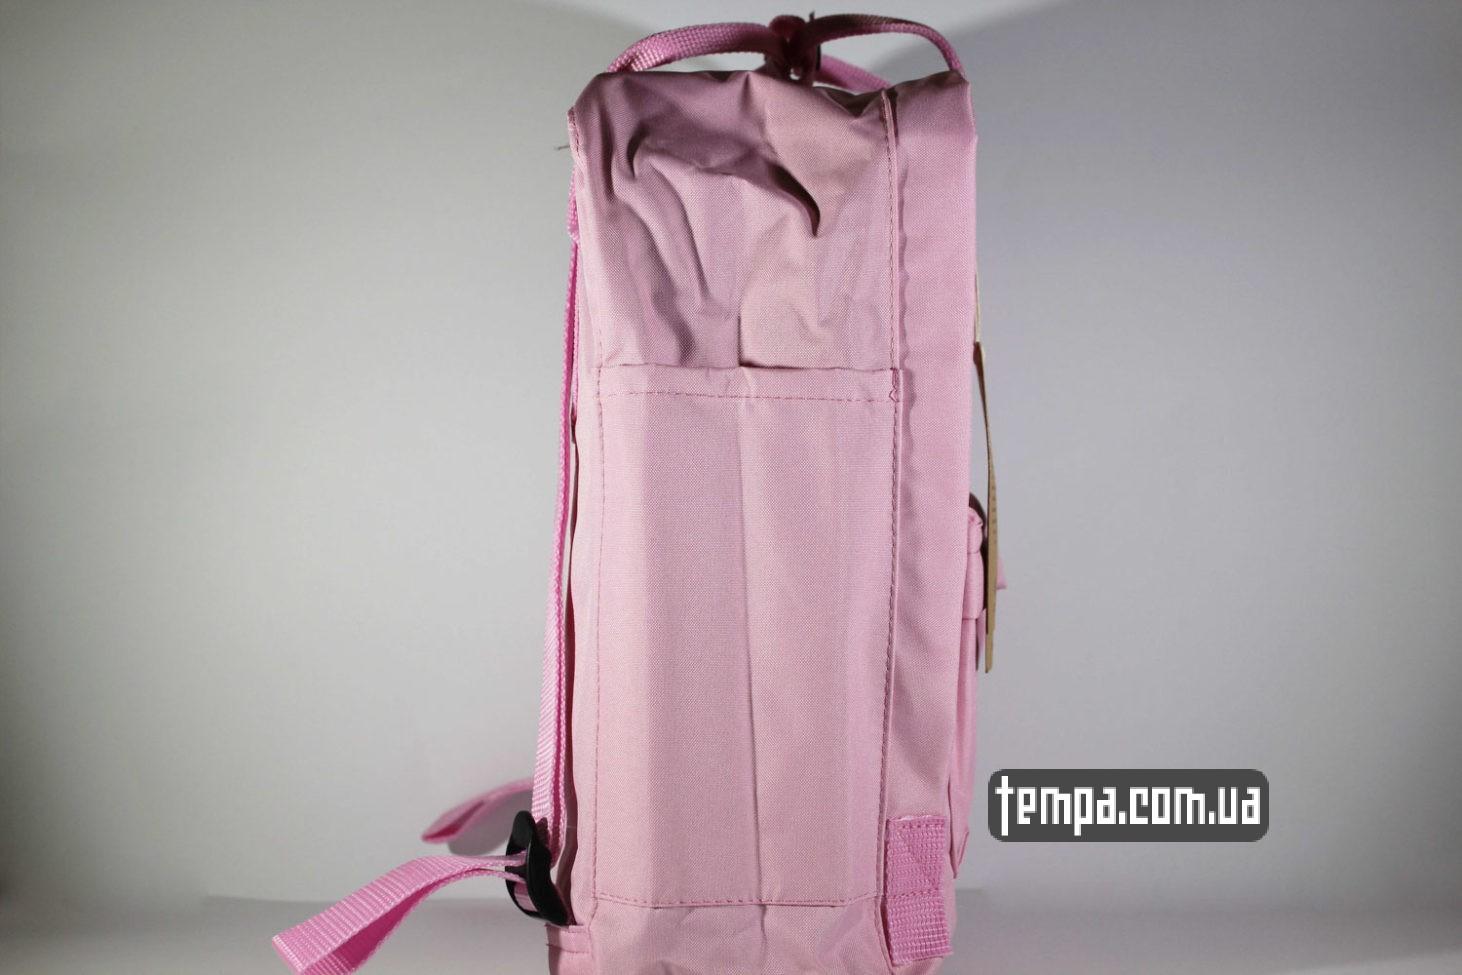 купить розовый рюкзак рюкзак Kånken — Fjällräven розовый яркий купить Украина